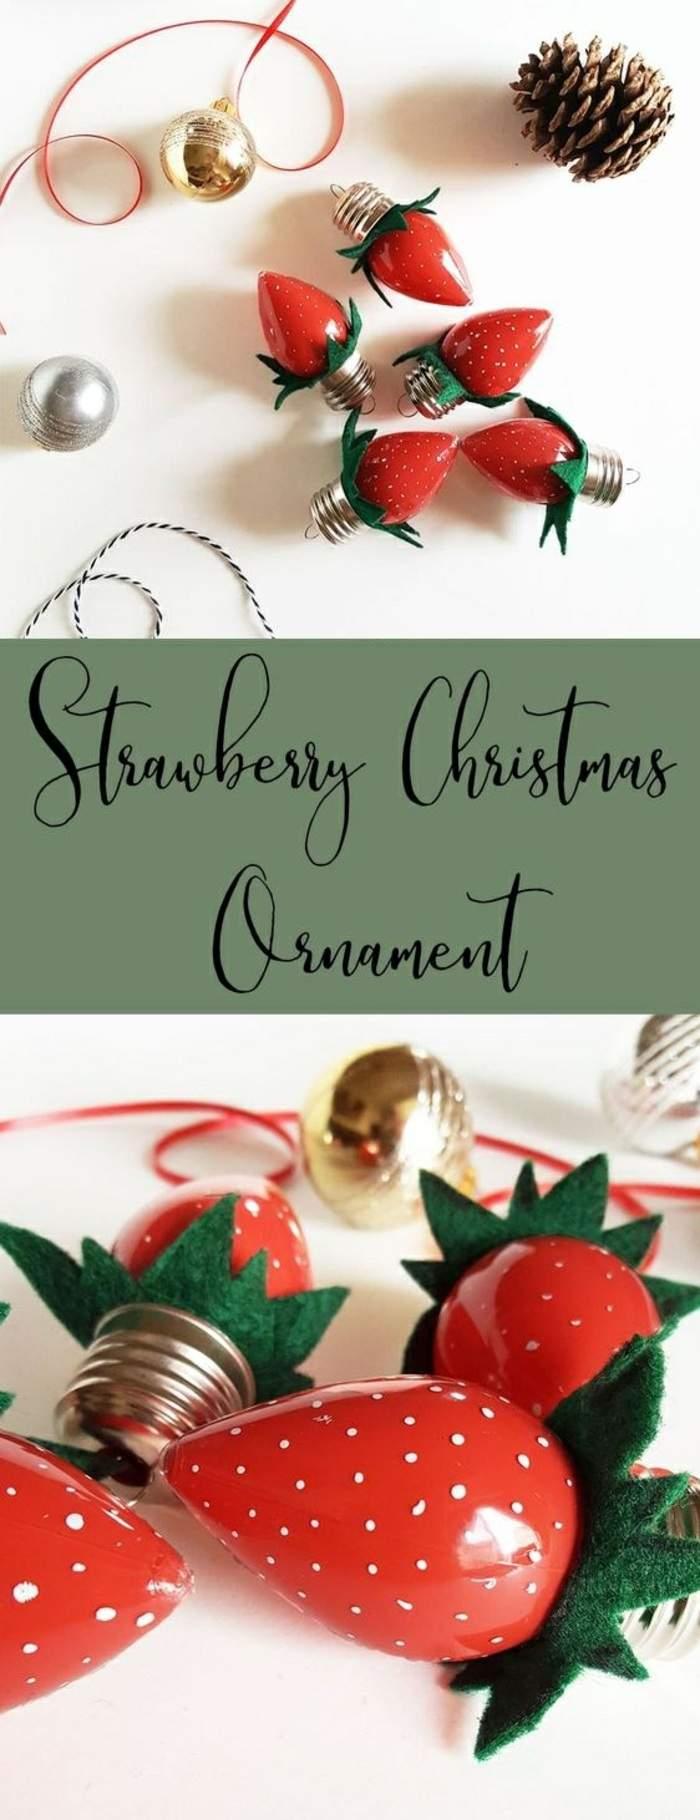 6 basteln mit gl C3 BChbirnen erdbeeren aus birnen gr C3 BCner stoff schleife tannenzapfe weihnachtskugel